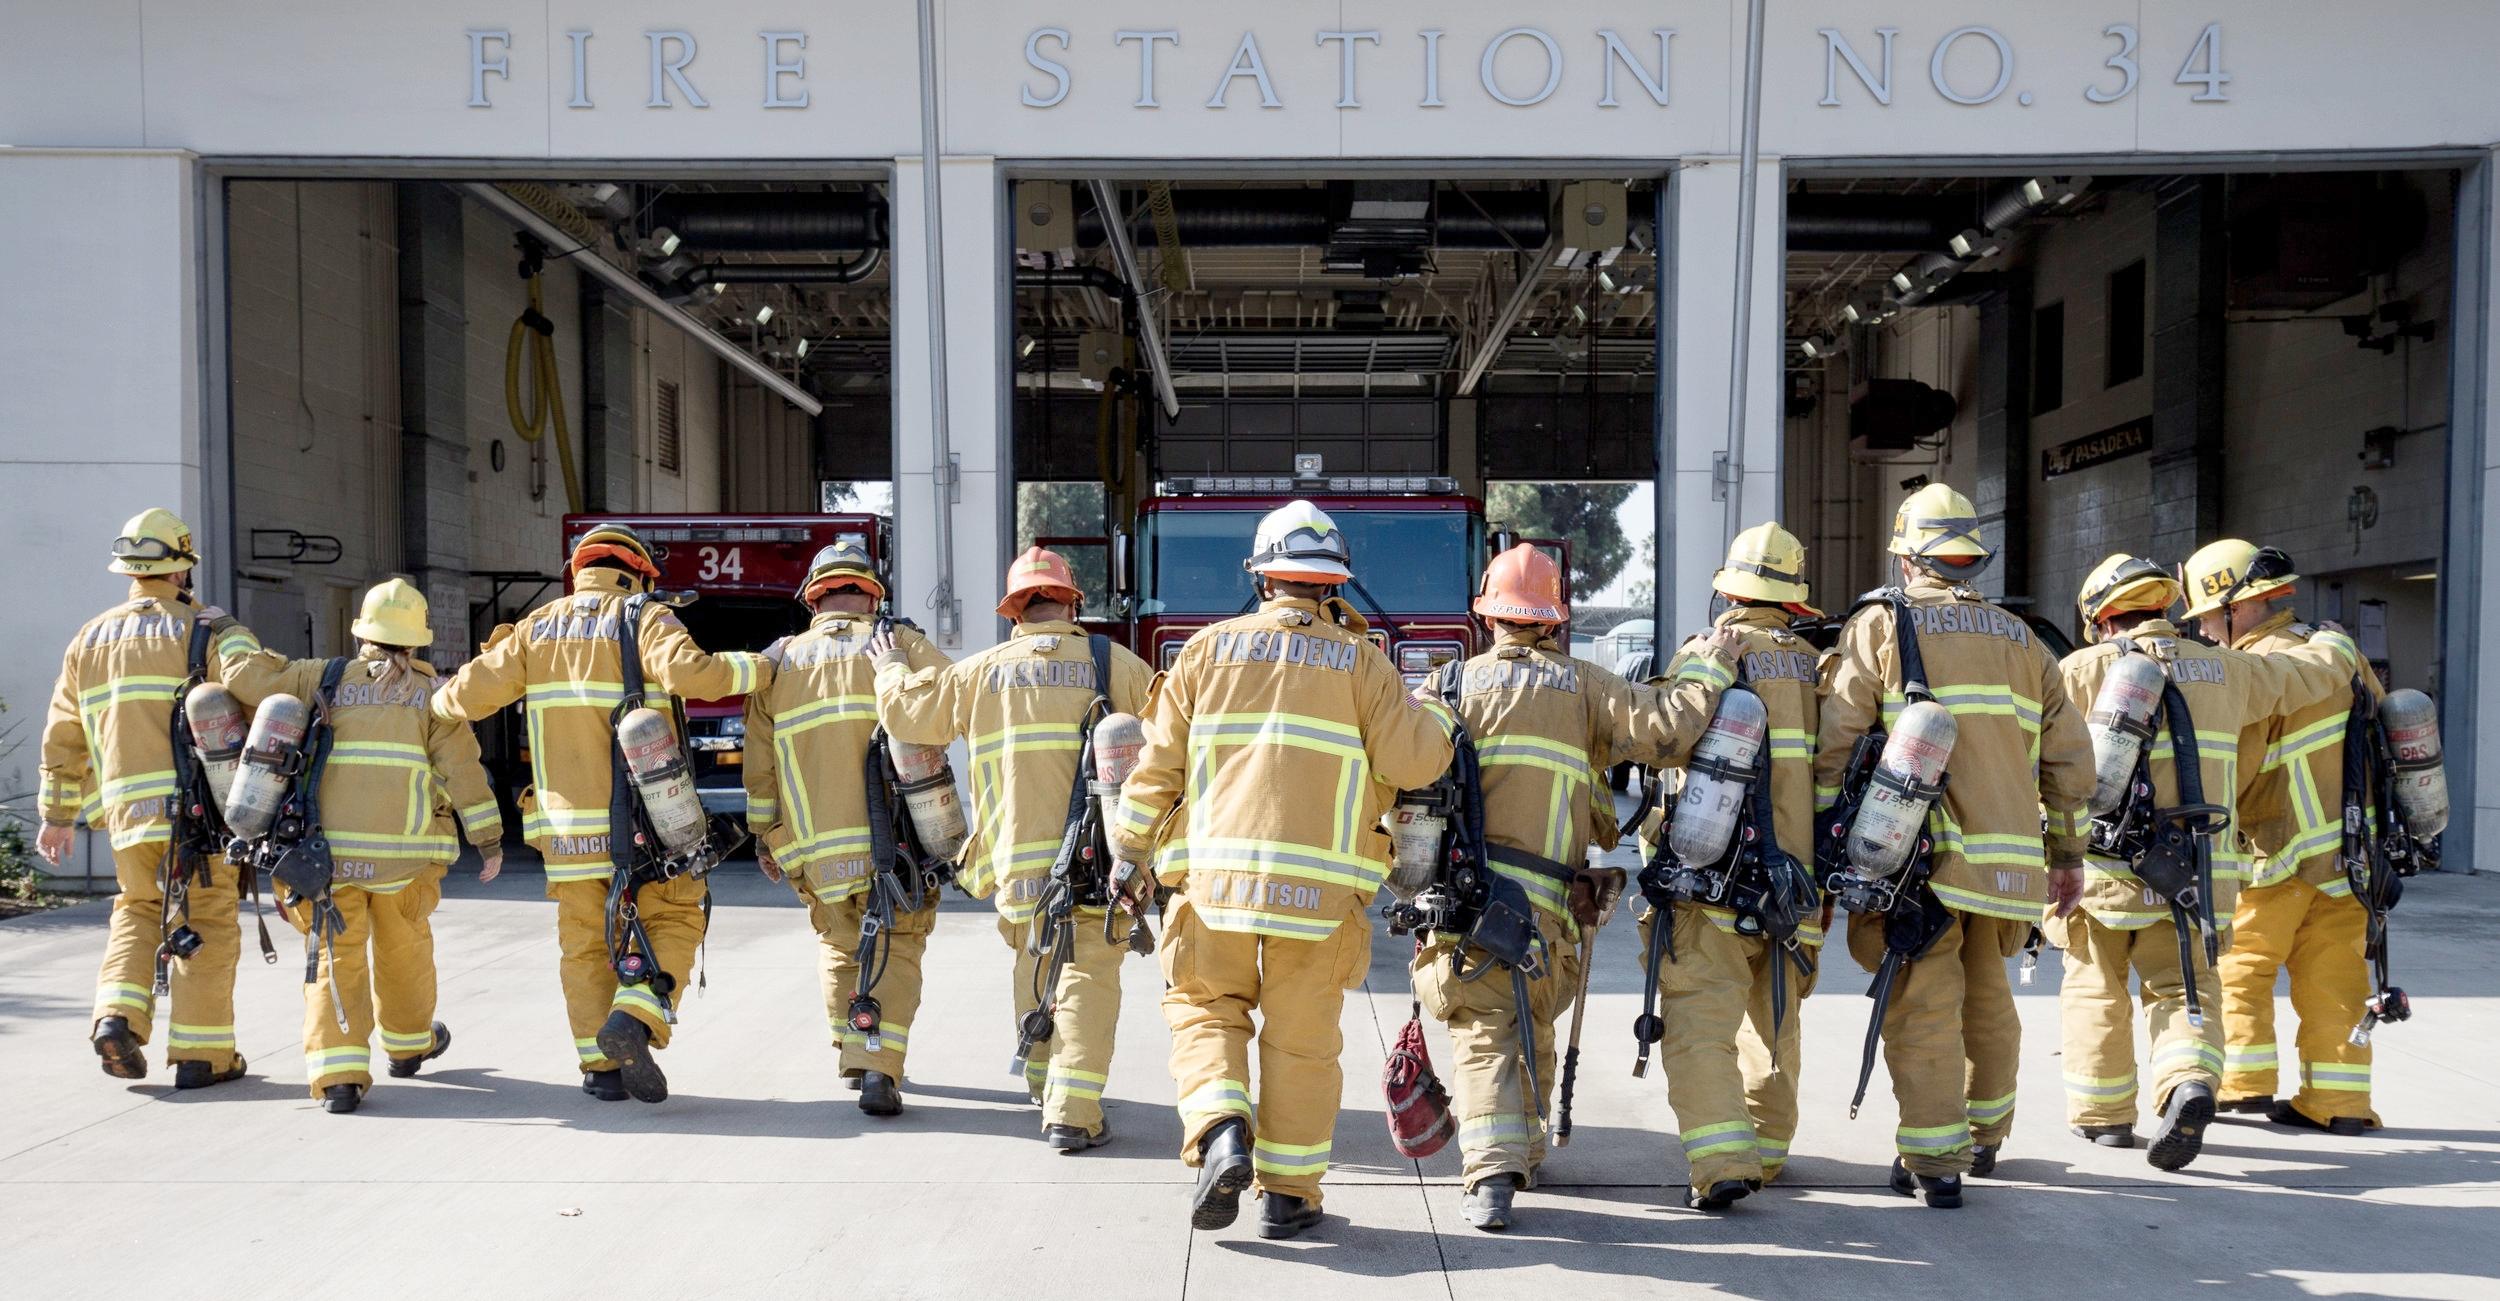 Pasadena Fire Department